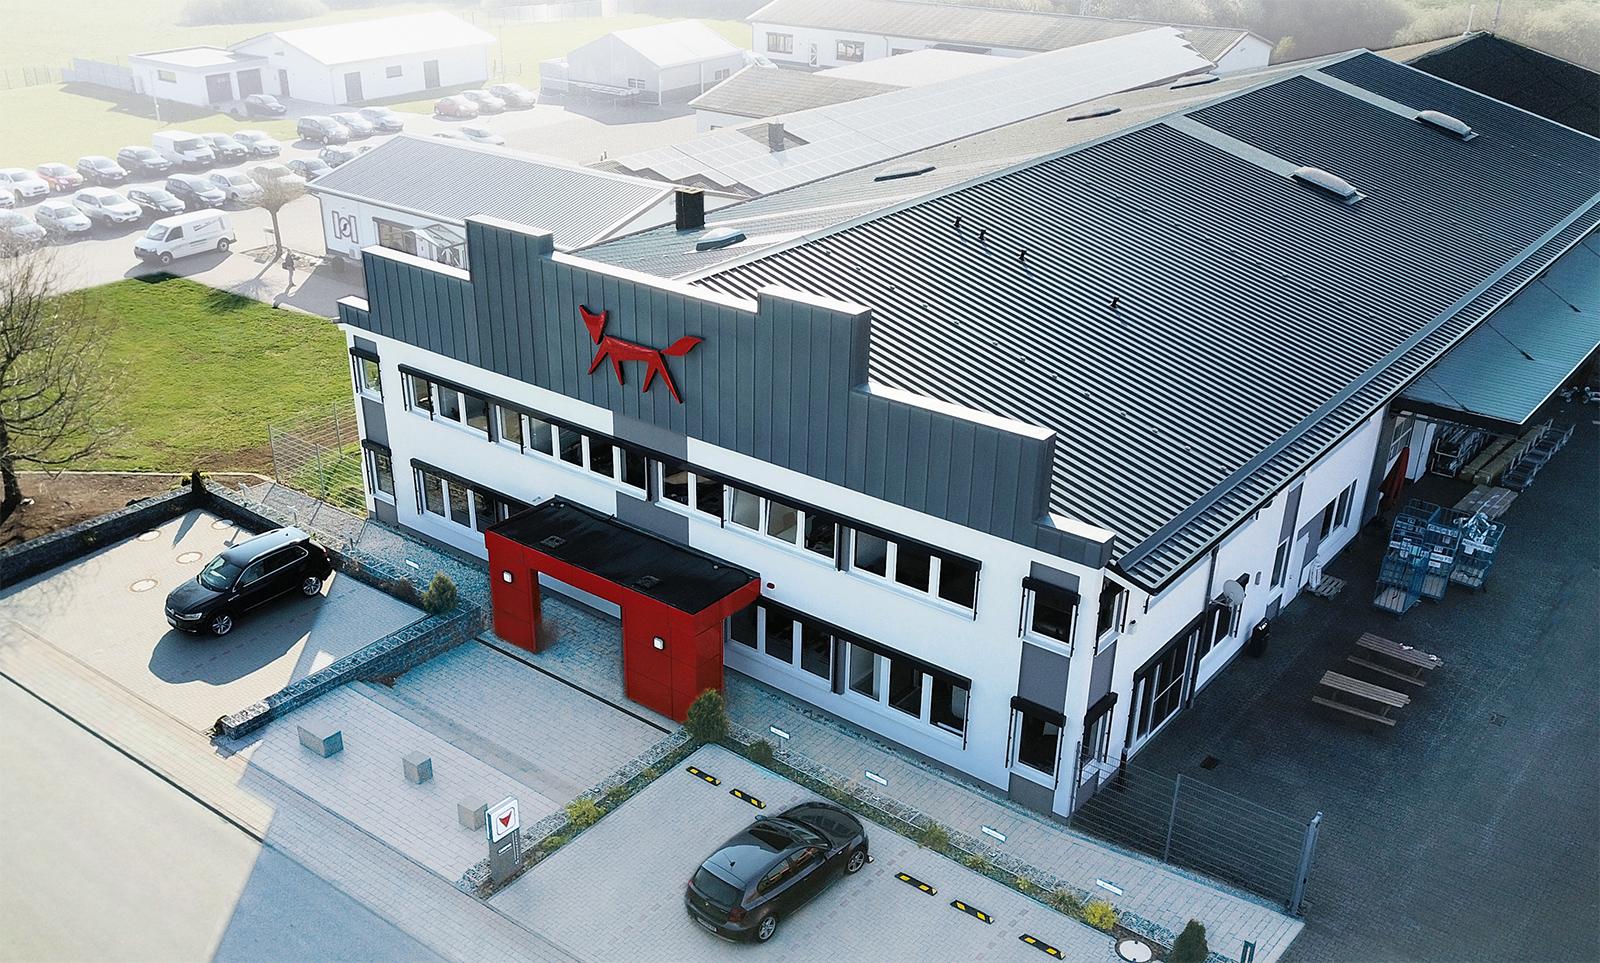 Beck+Heun Zentrale Mengerskirchen Campus